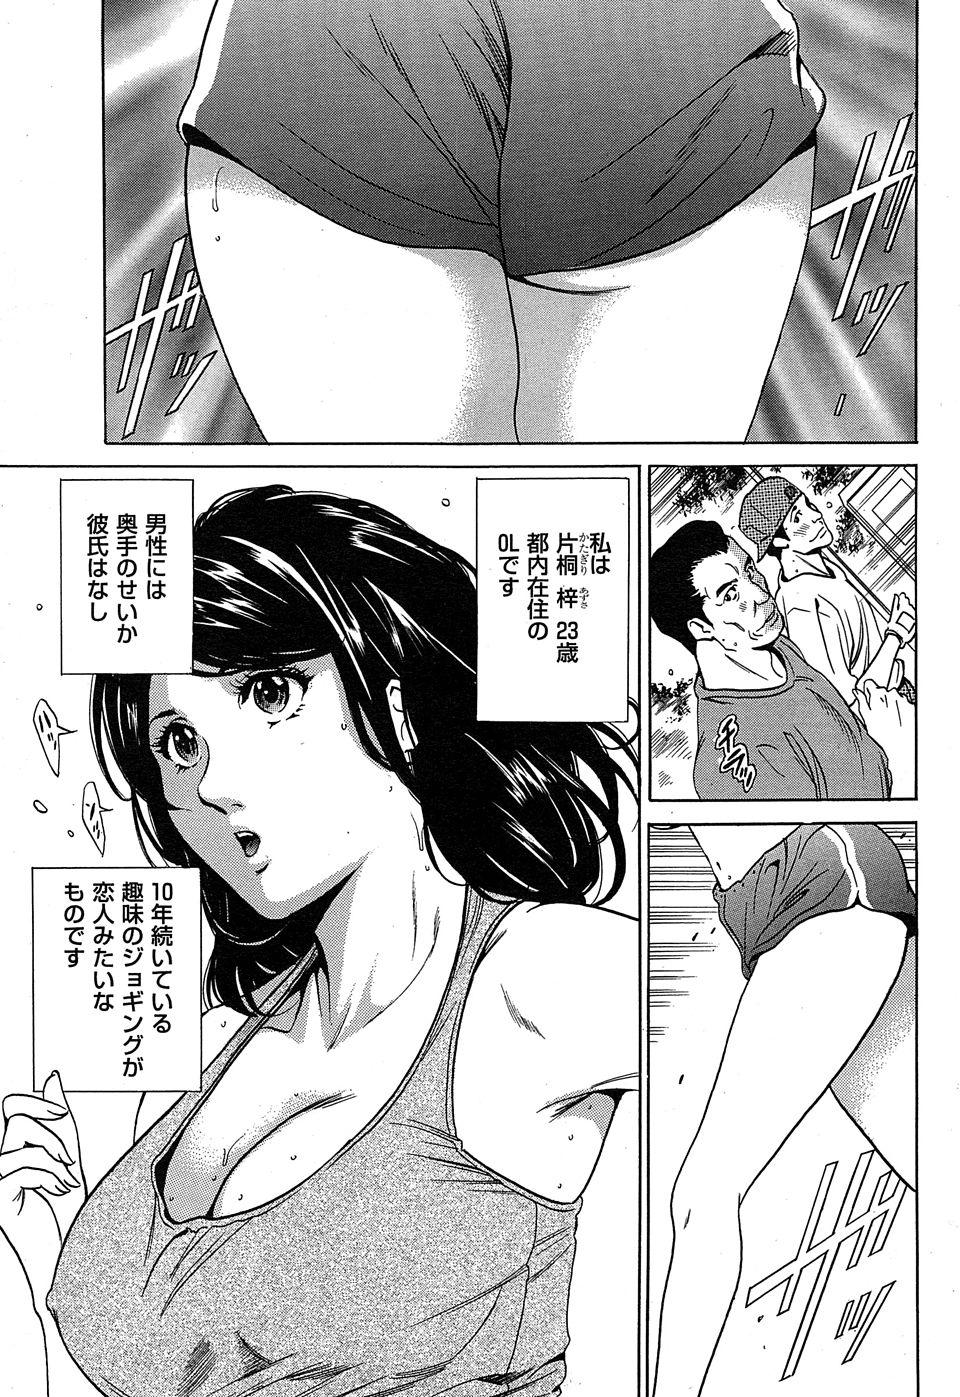 【エロ漫画・エロ同人誌】巨乳OLがジョギングの走友会仲間と乱交エッチしてるwww (1)